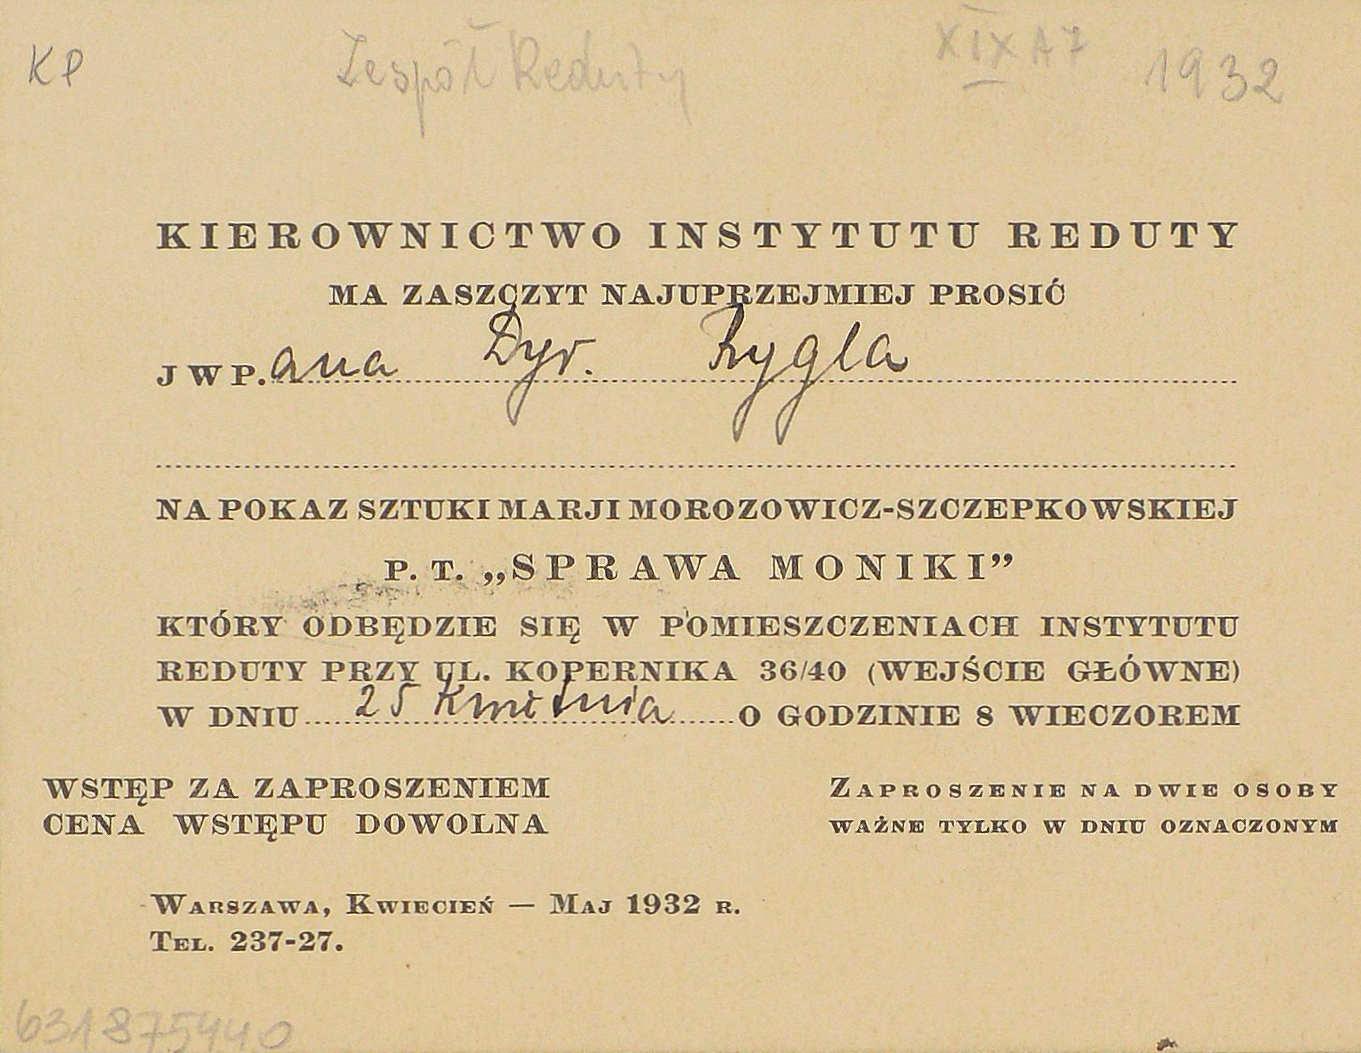 sprawa-moniki-marii-morozowicz-szczepkowskiej